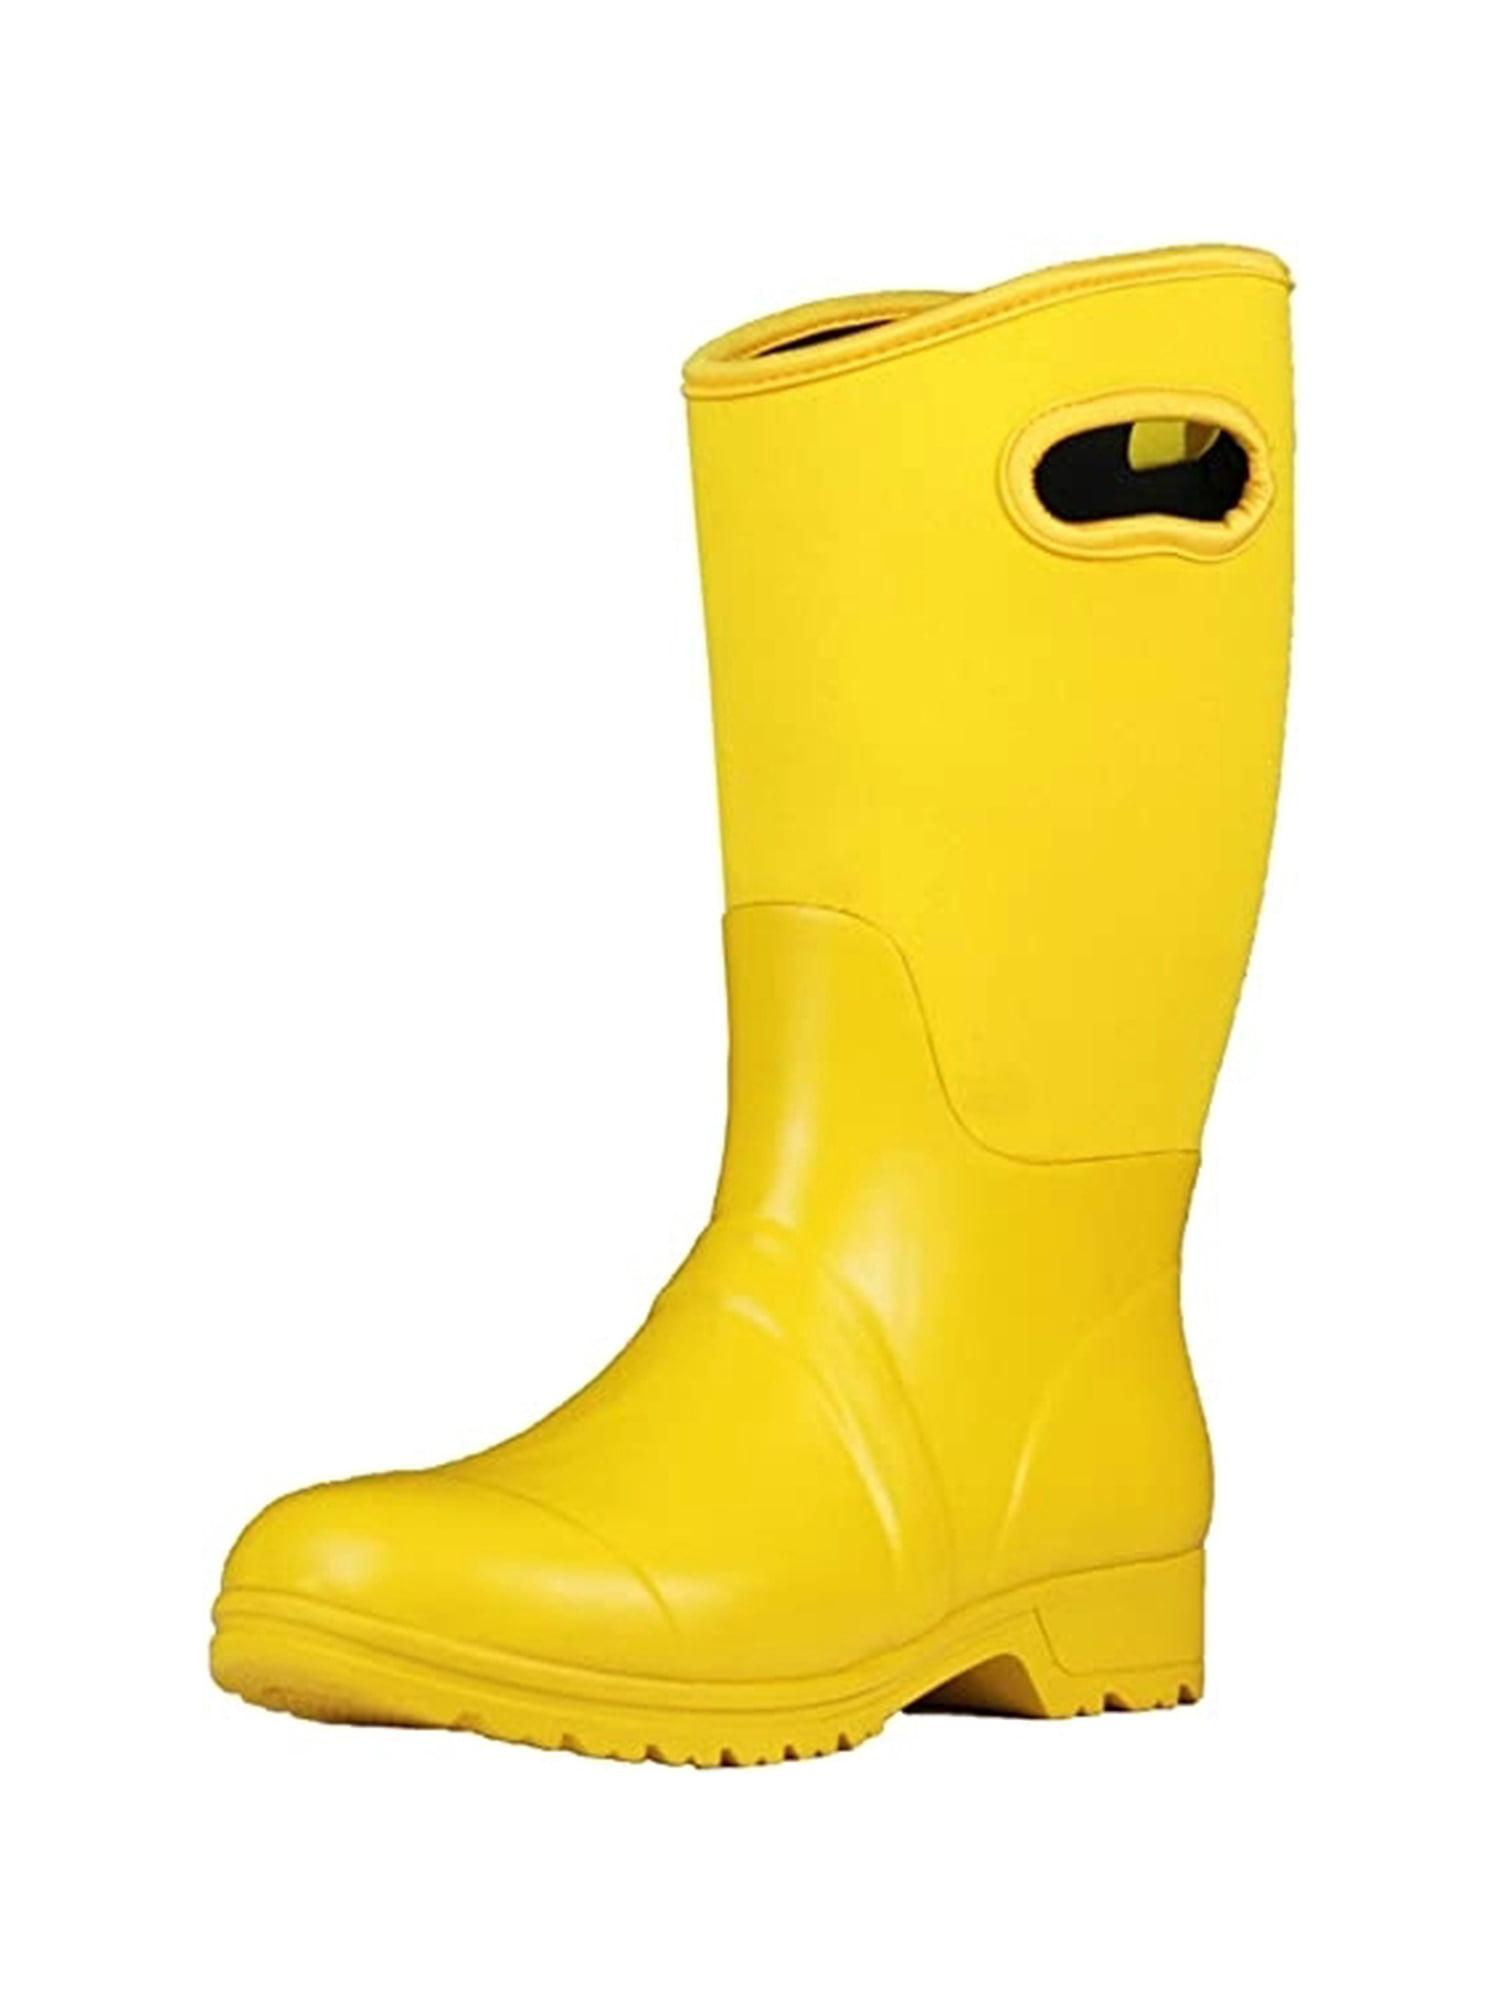 Neoprene Rubber Waterproof Rain Boots